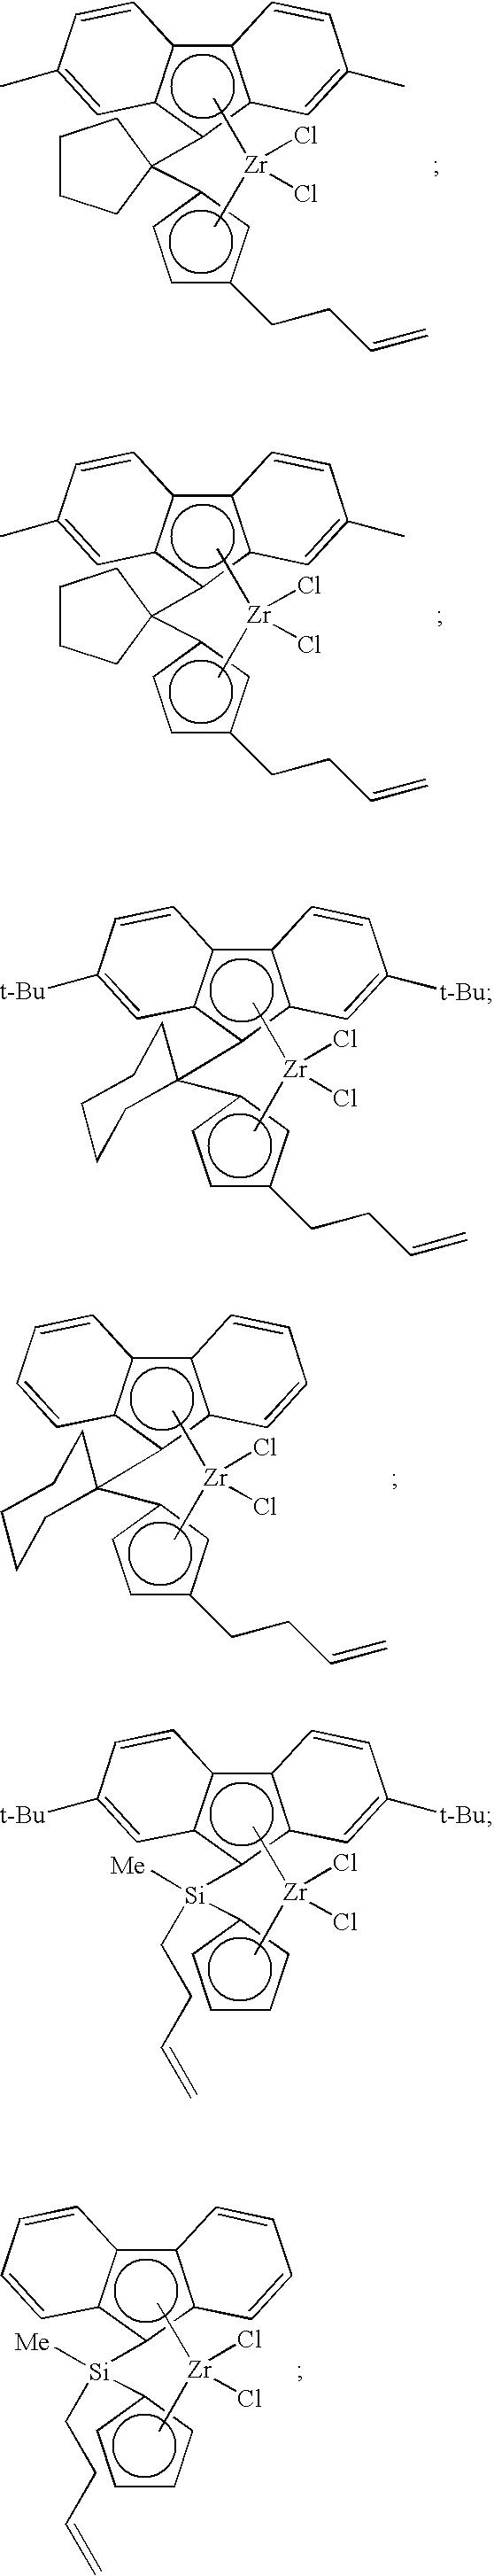 Figure US20100331505A1-20101230-C00012